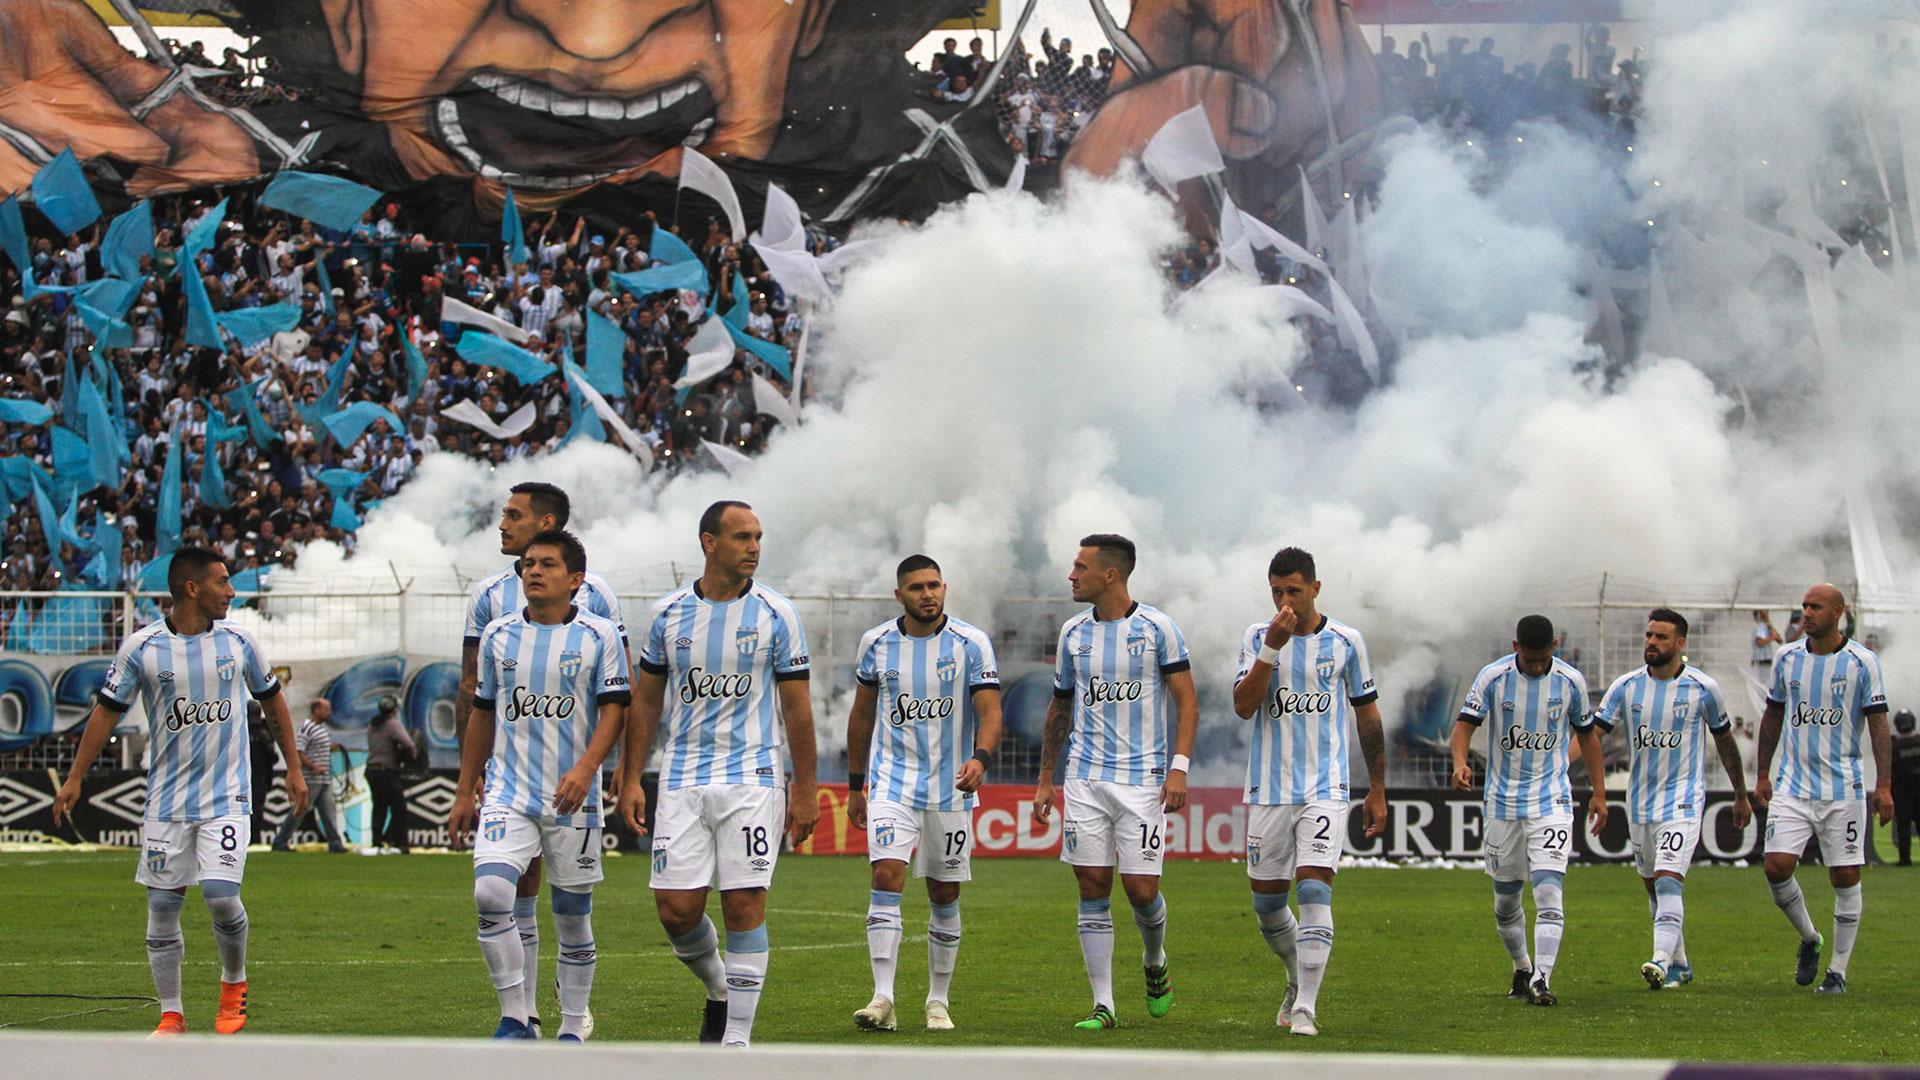 El estadio José Fierro se tiñó de celeste y blanco en la salida de los equipos (Nicolás Nuñez)